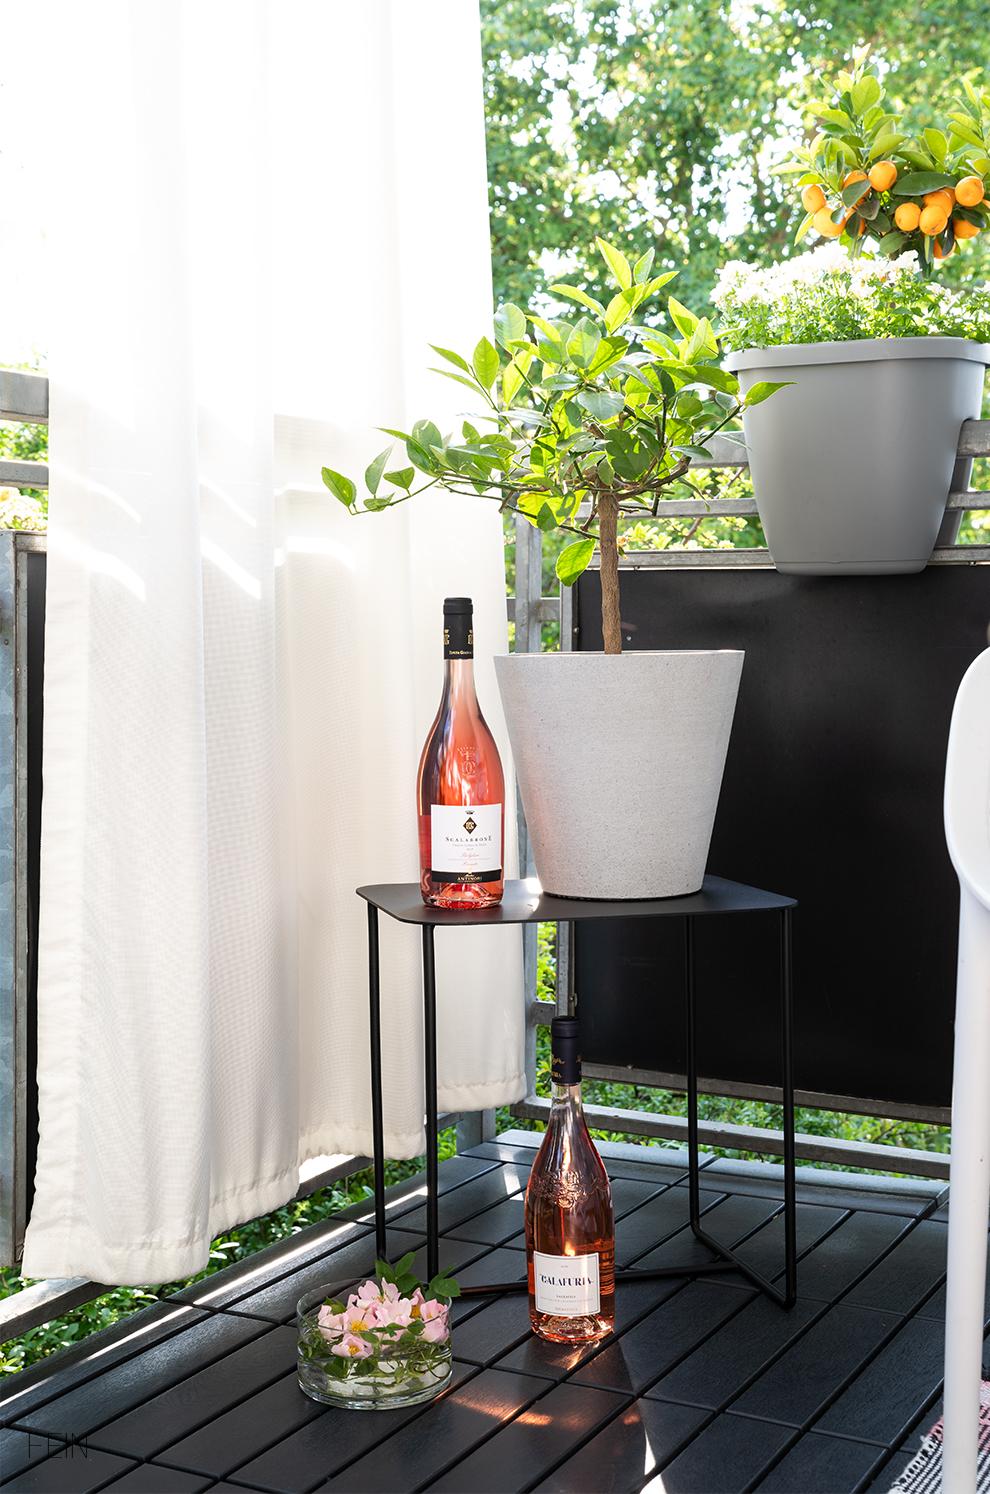 Rose Wein Italien